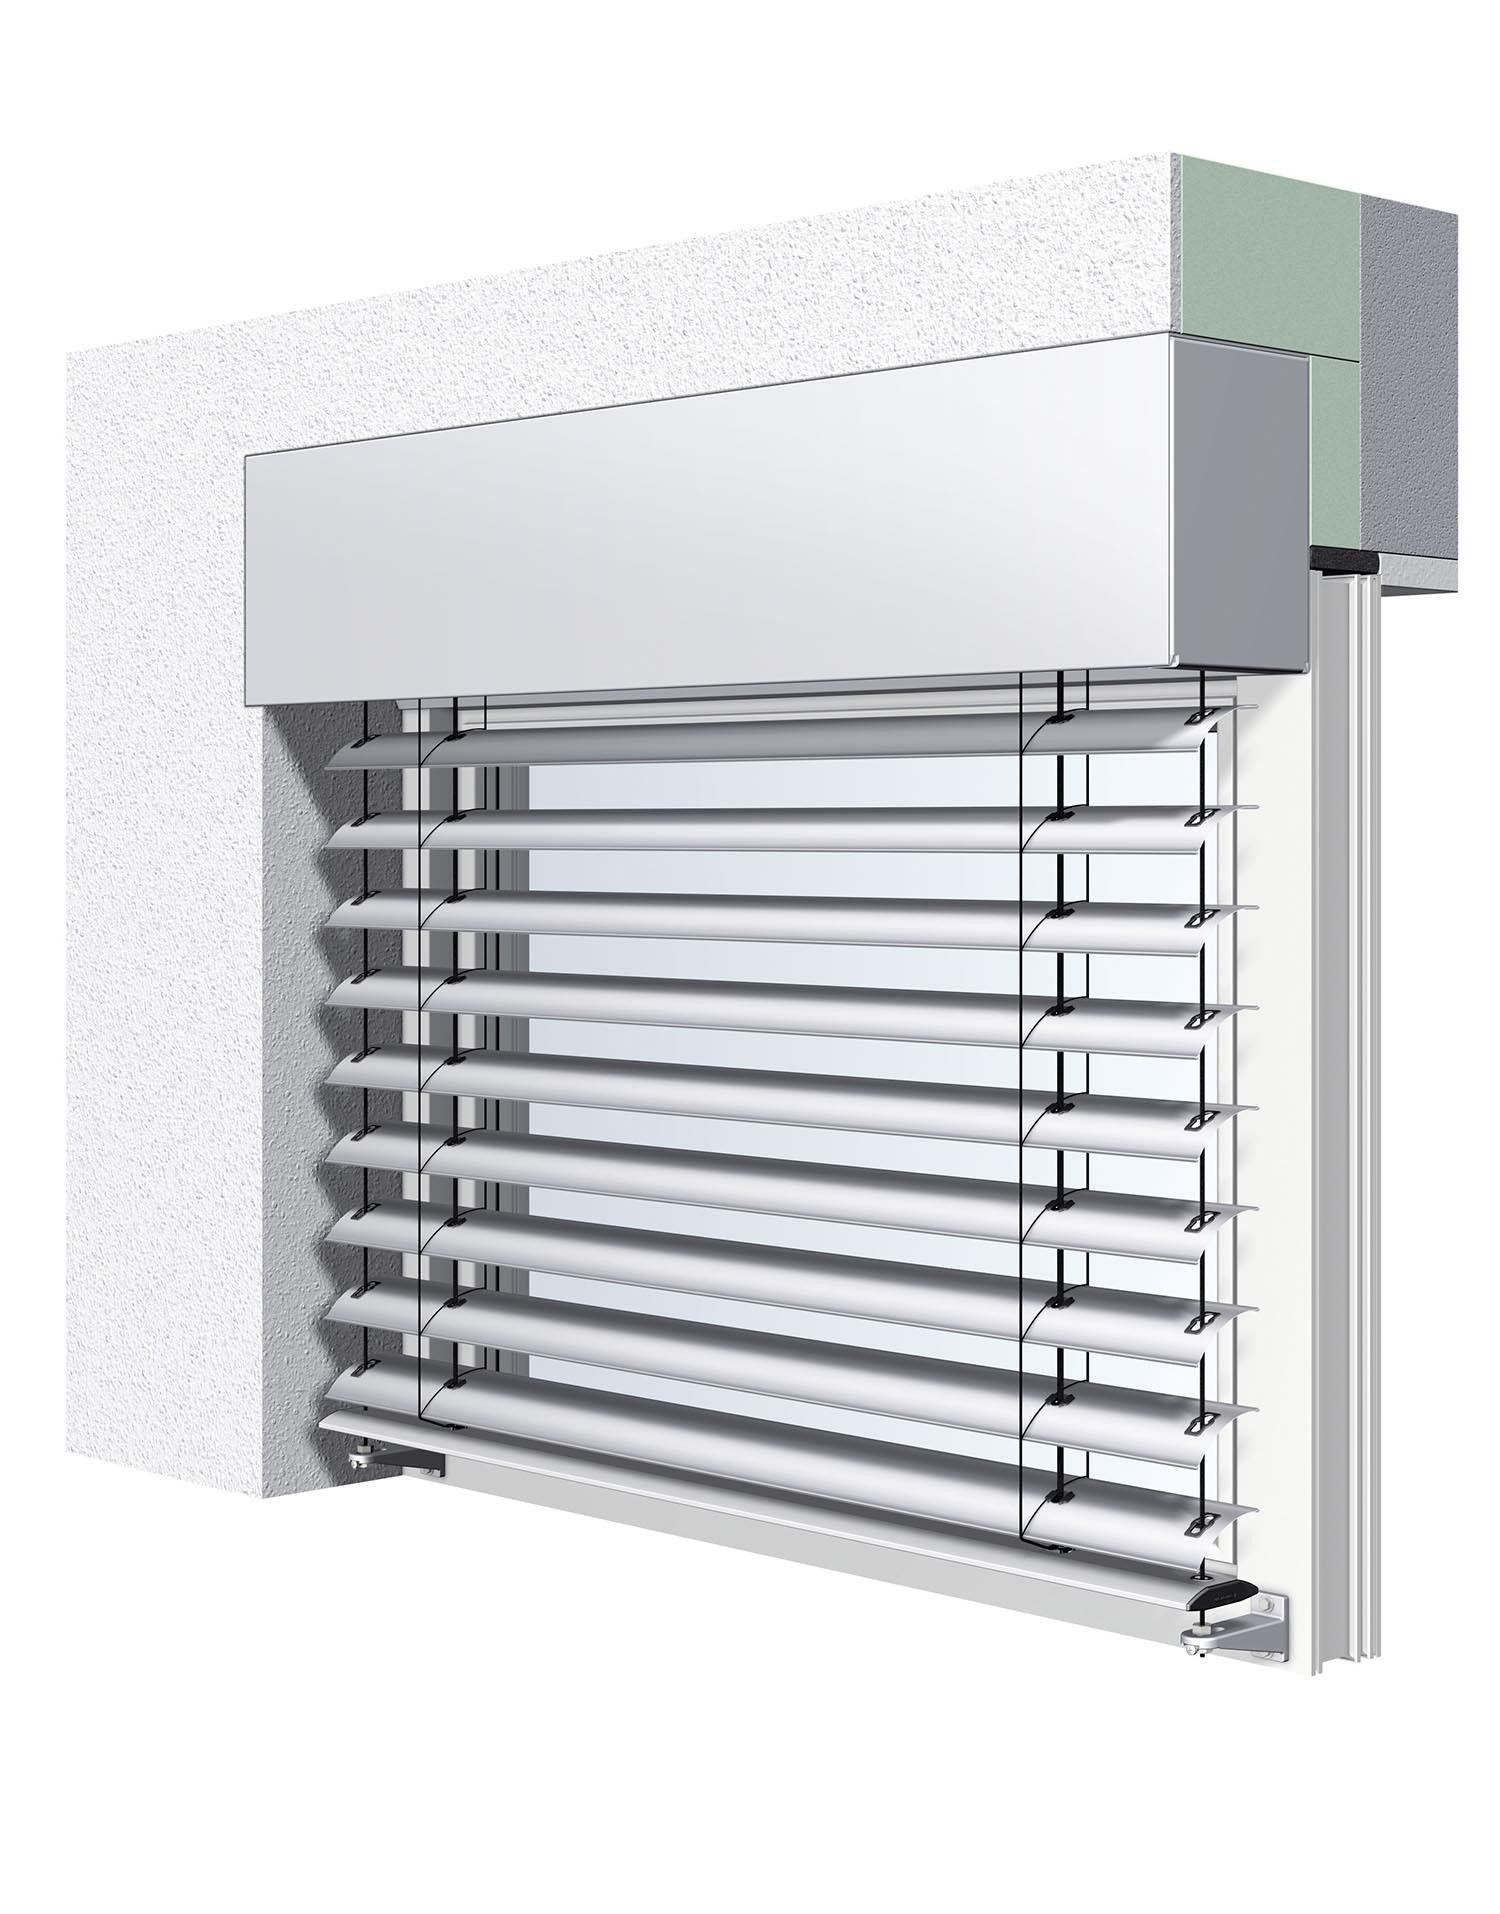 Full Size of Nolte Blendenbefestigung Fenster System Auenjalousie Wolf Gmbh Sonnenschutz Und Betten Küche Schlafzimmer Wohnzimmer Nolte Blendenbefestigung